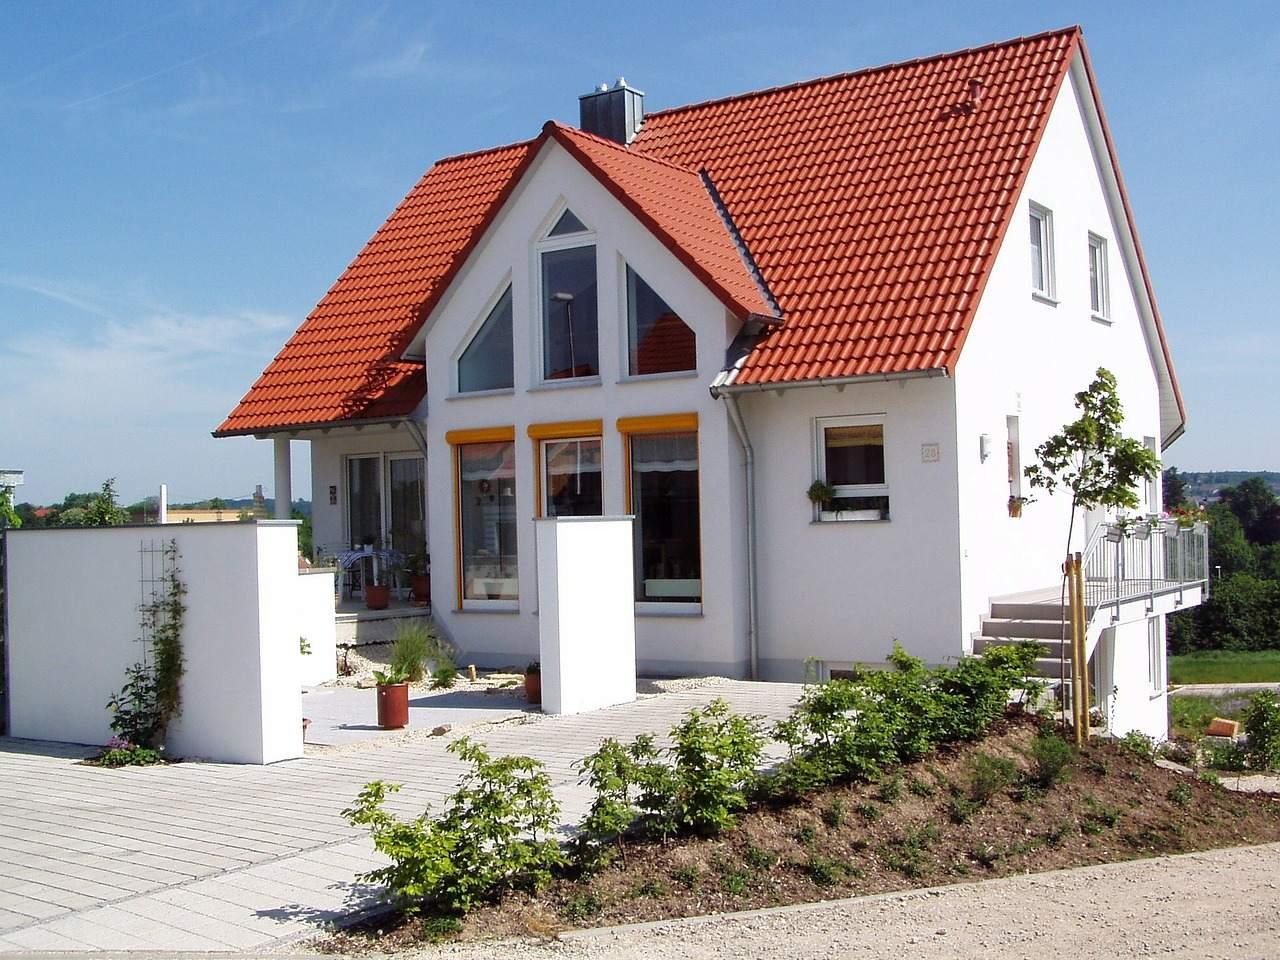 Beispielbild für Einfamilienhaus - Warnung vor Preisrutsch bei Immobilien